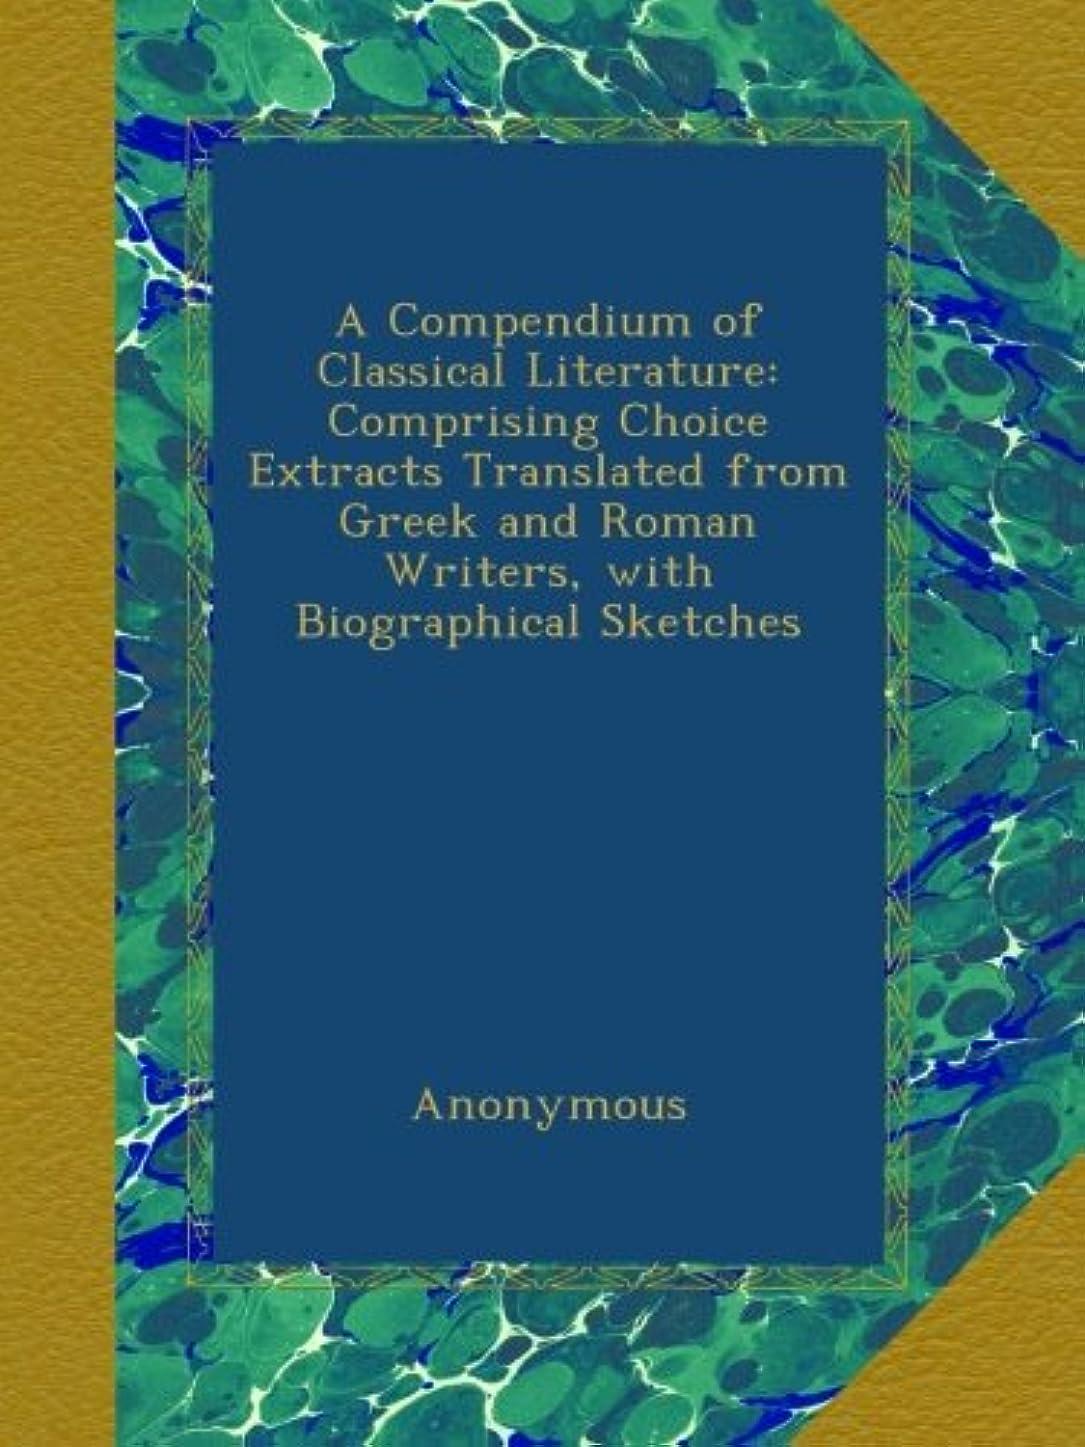 ソーダ水子供っぽい妖精A Compendium of Classical Literature: Comprising Choice Extracts Translated from Greek and Roman Writers, with Biographical Sketches